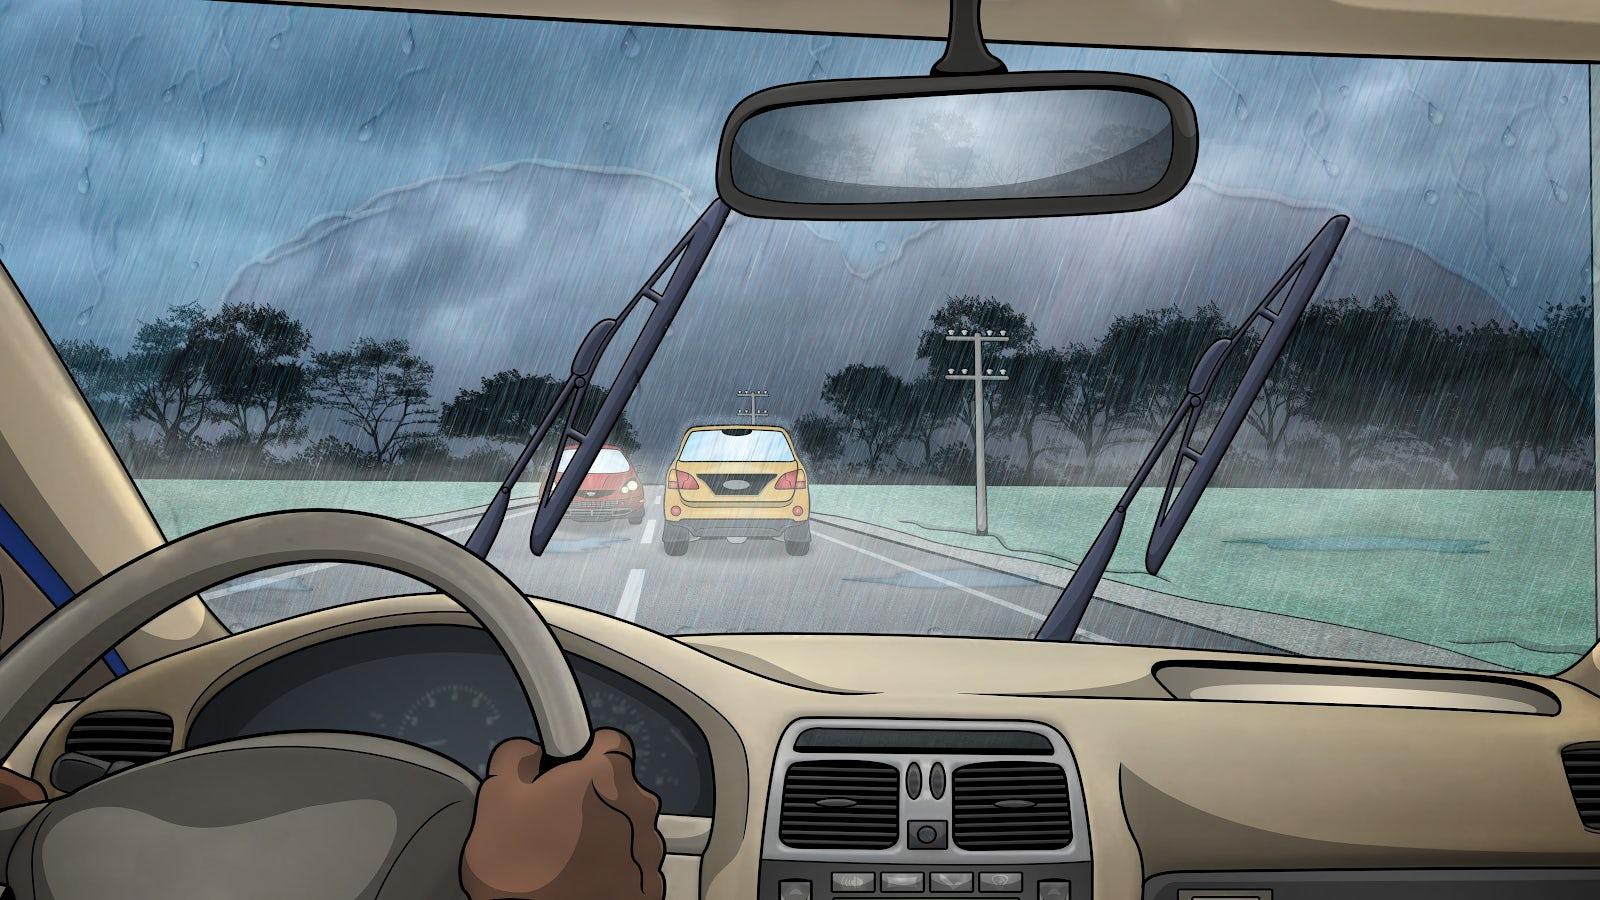 Det regnar på vindrutan på en bil som håller ett gott avstånd till bilen framför.